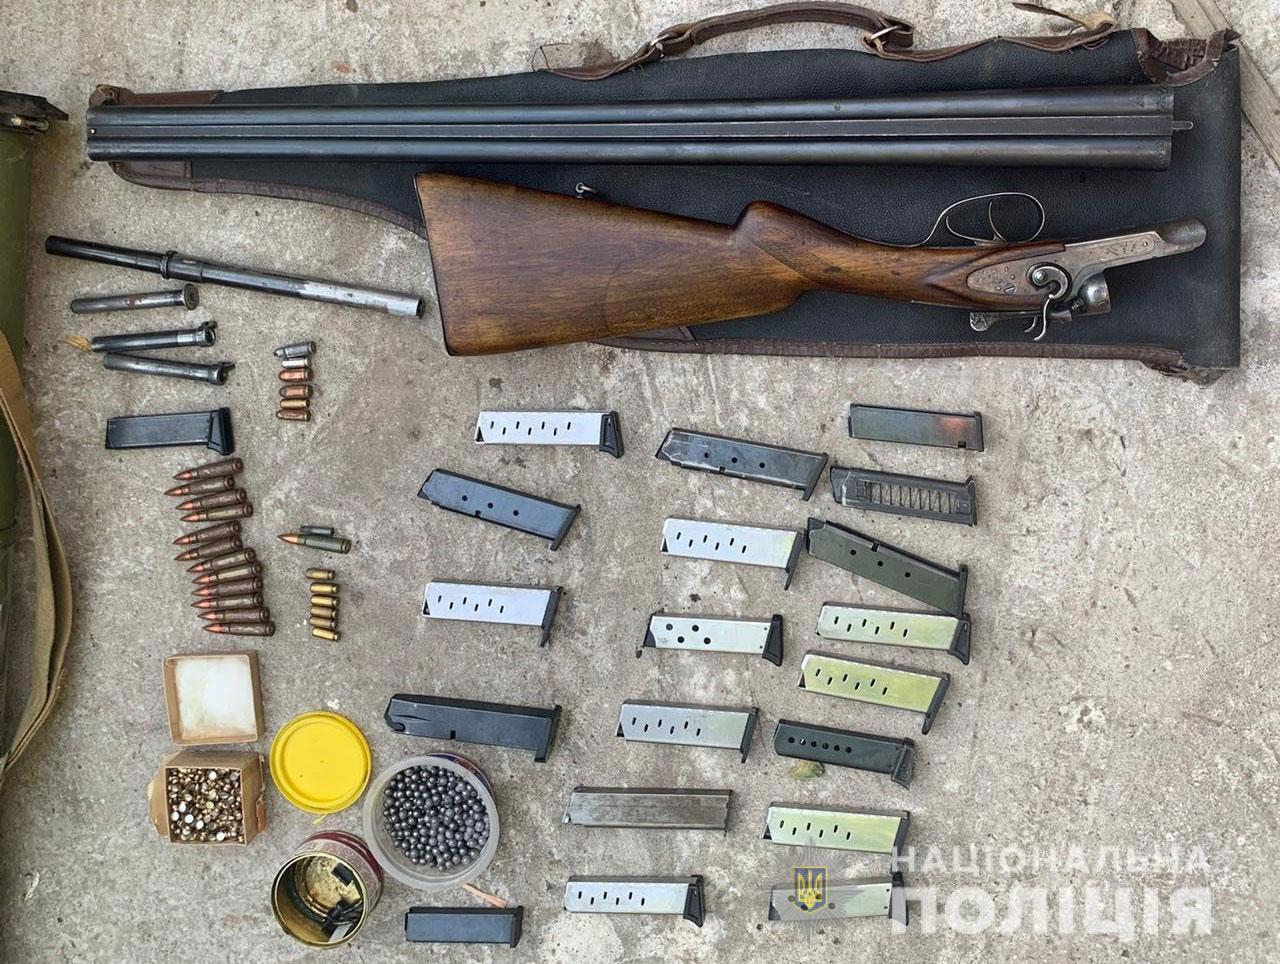 Оперативники установят каналы поступления оружия